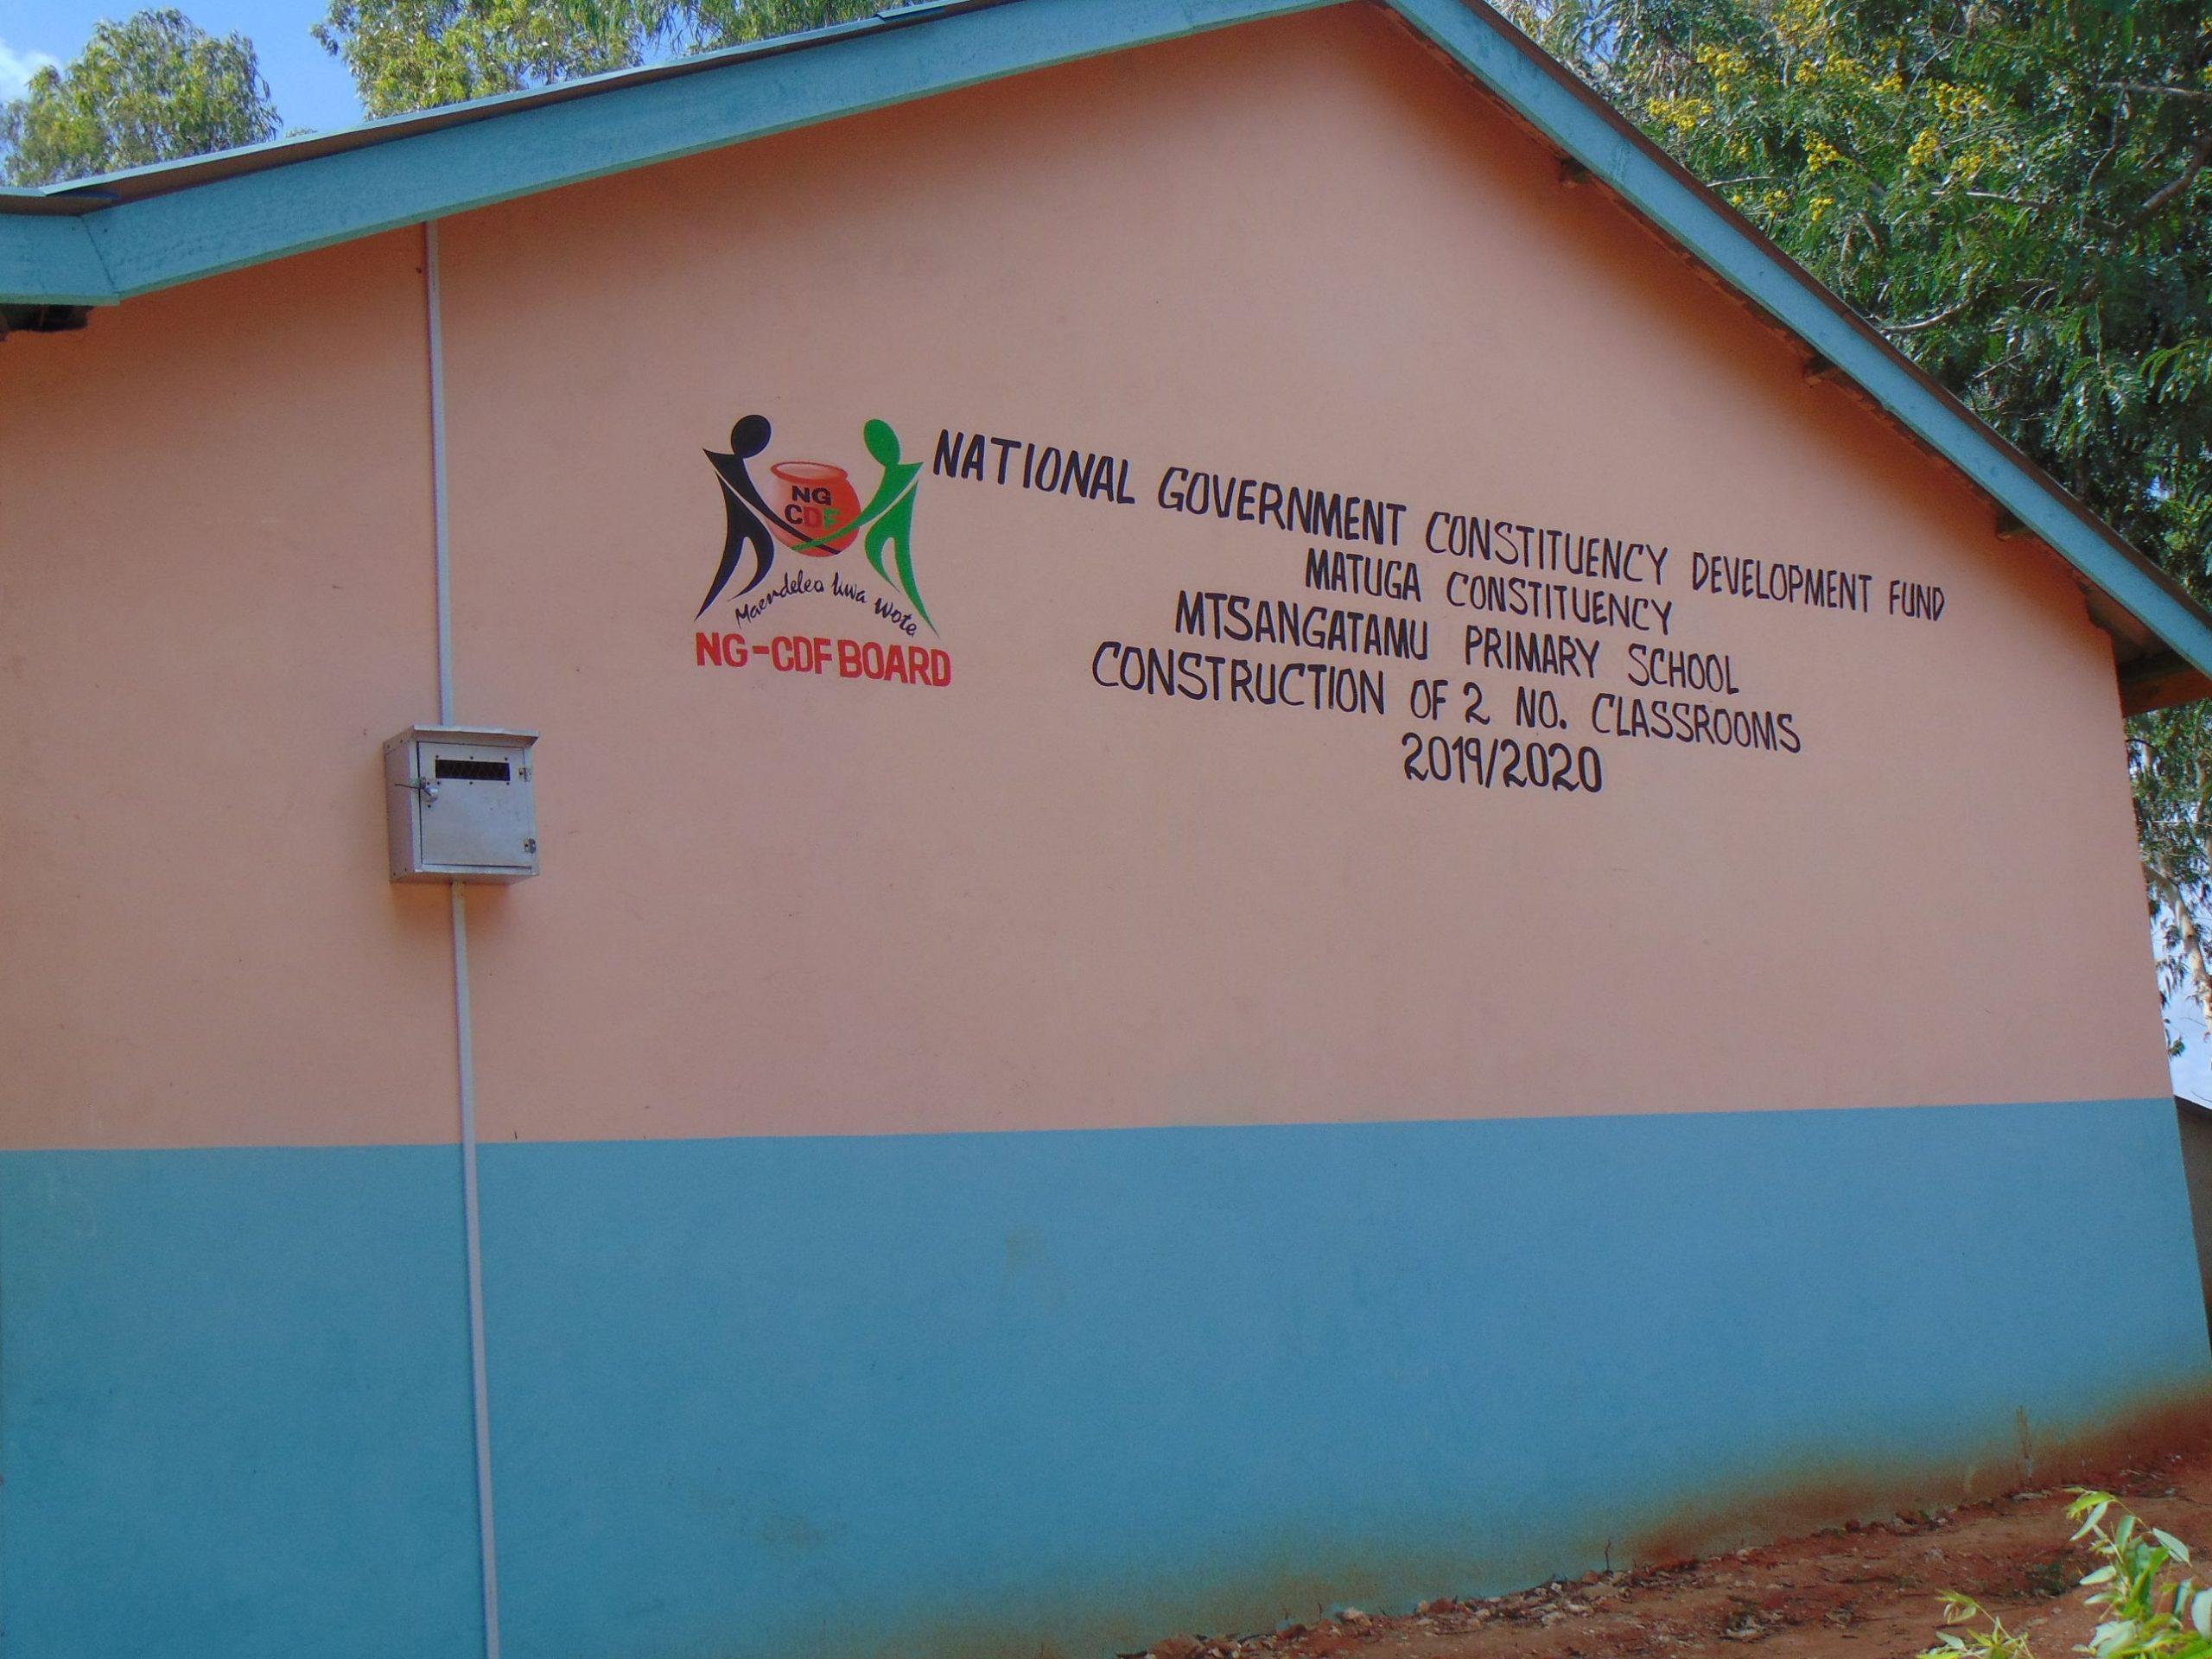 Mtsangatamu Primary School